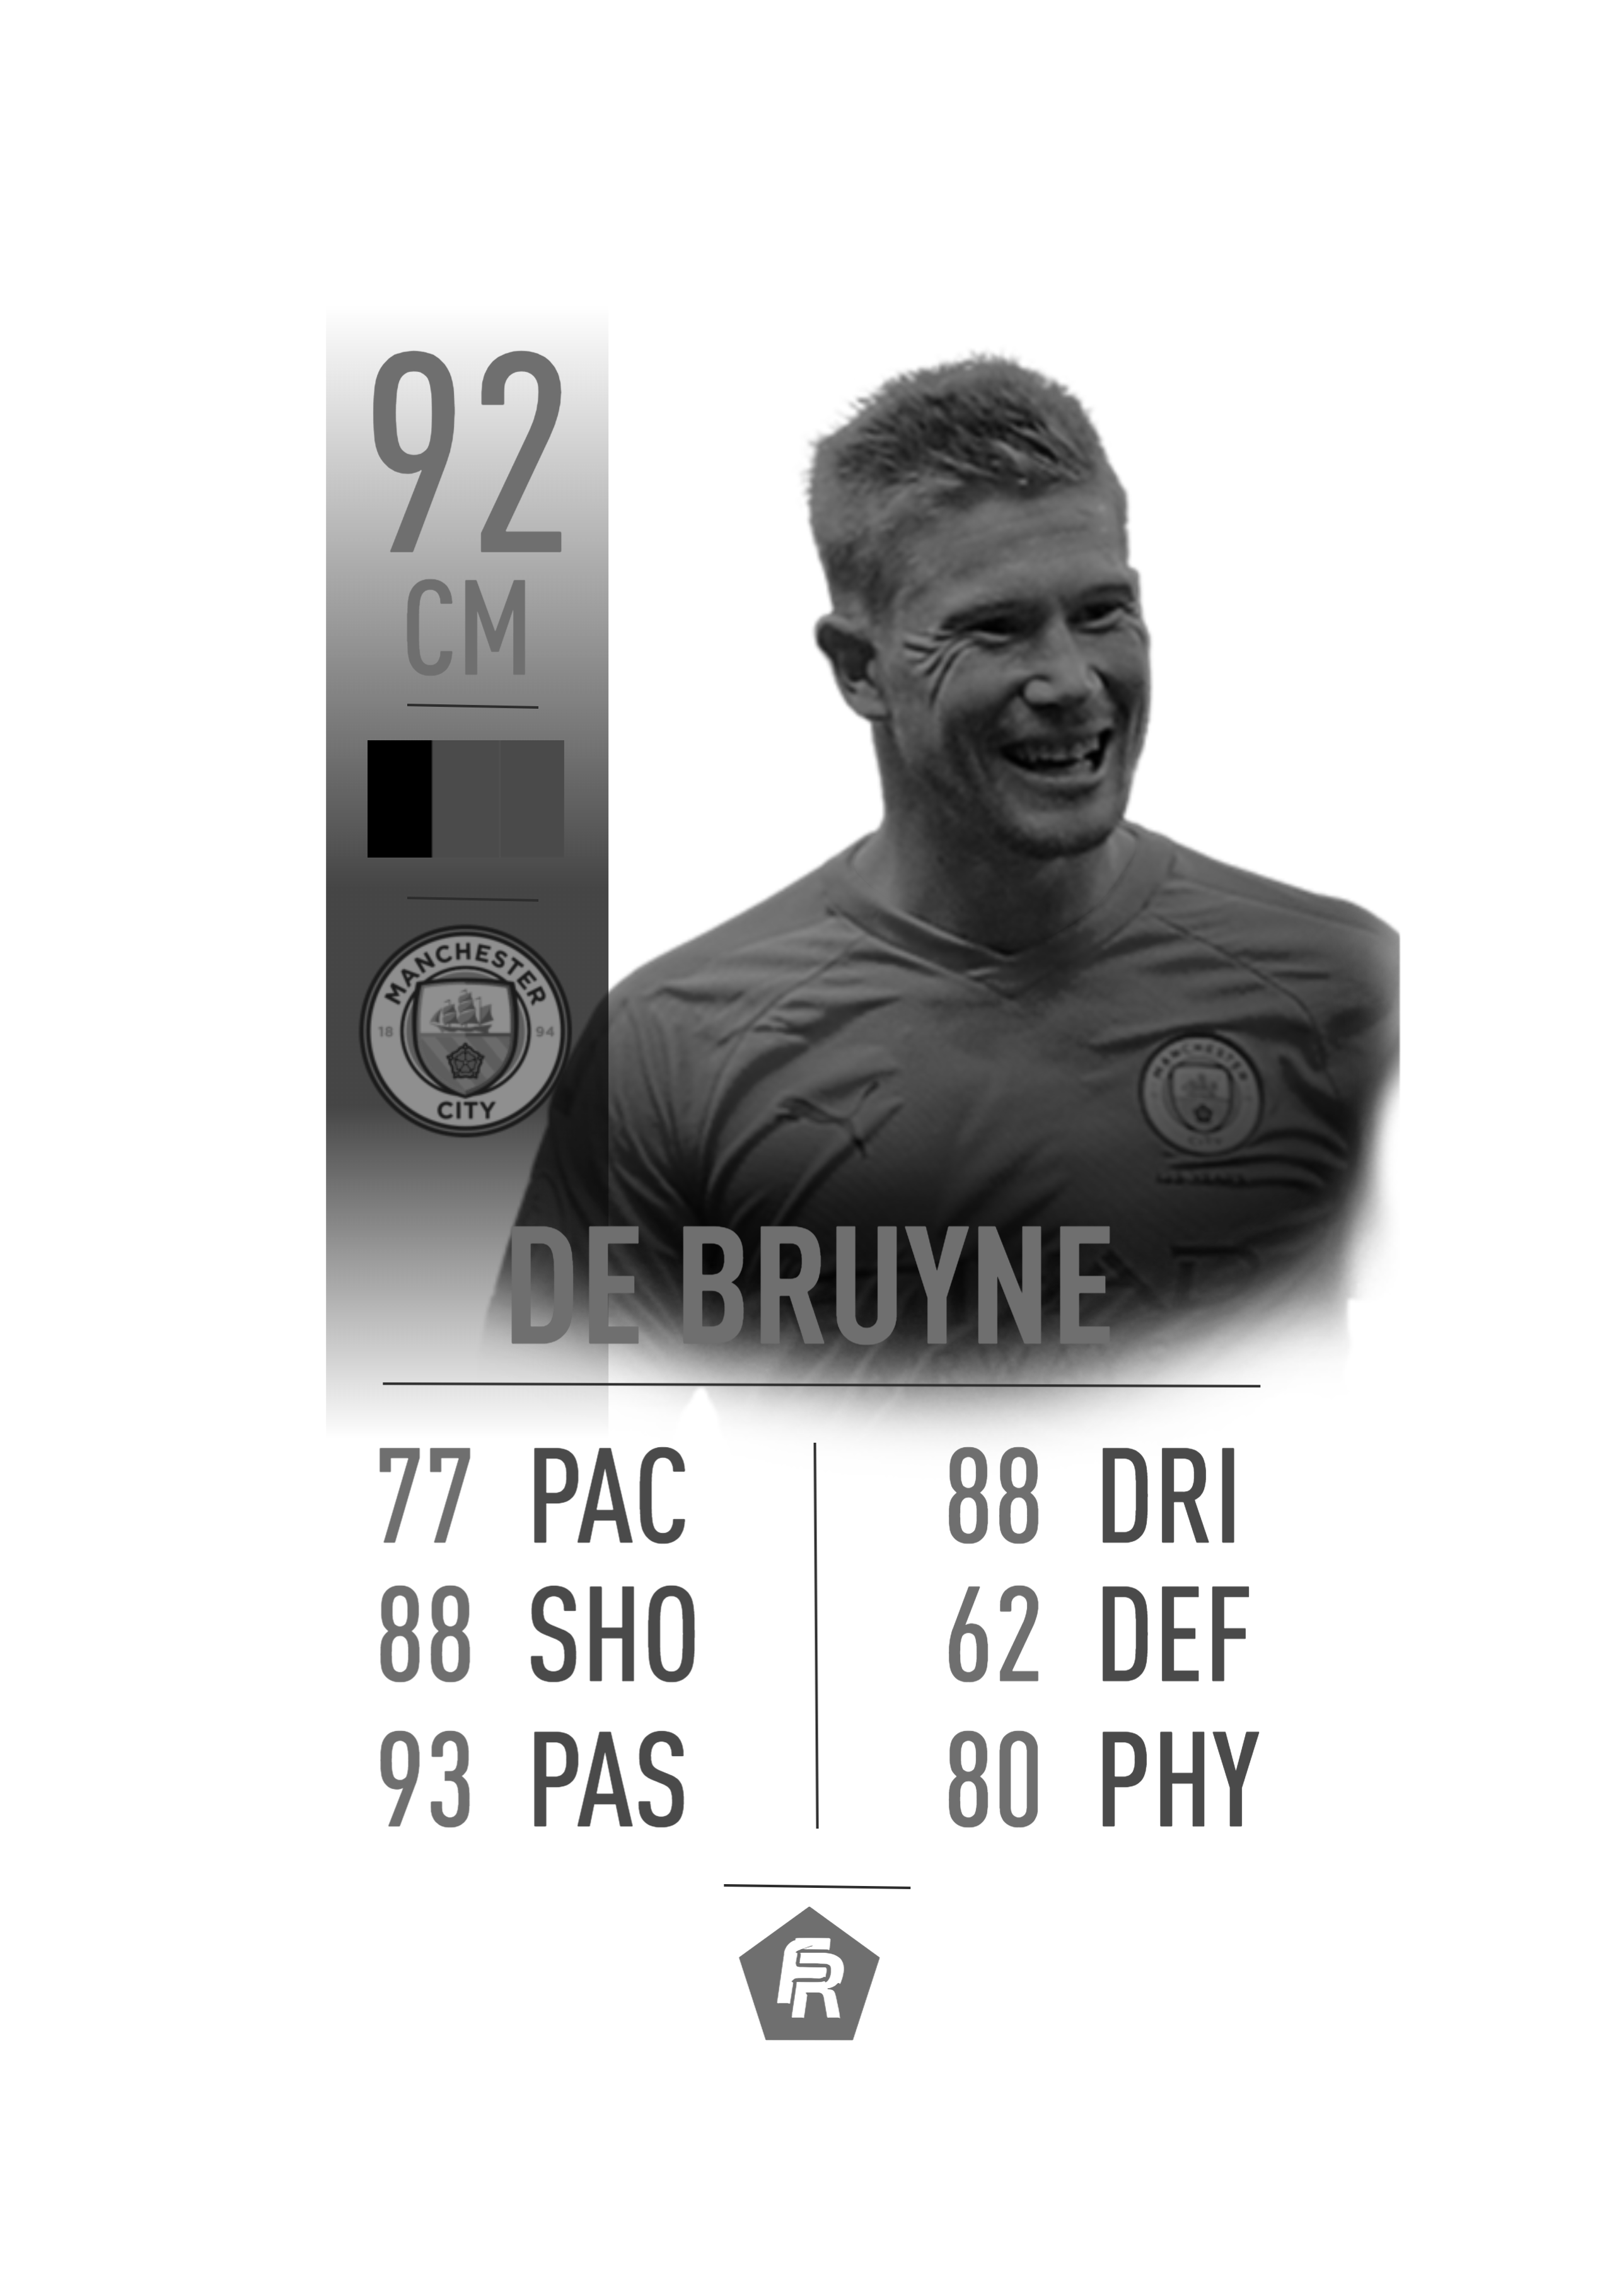 fifa 20 card design blank